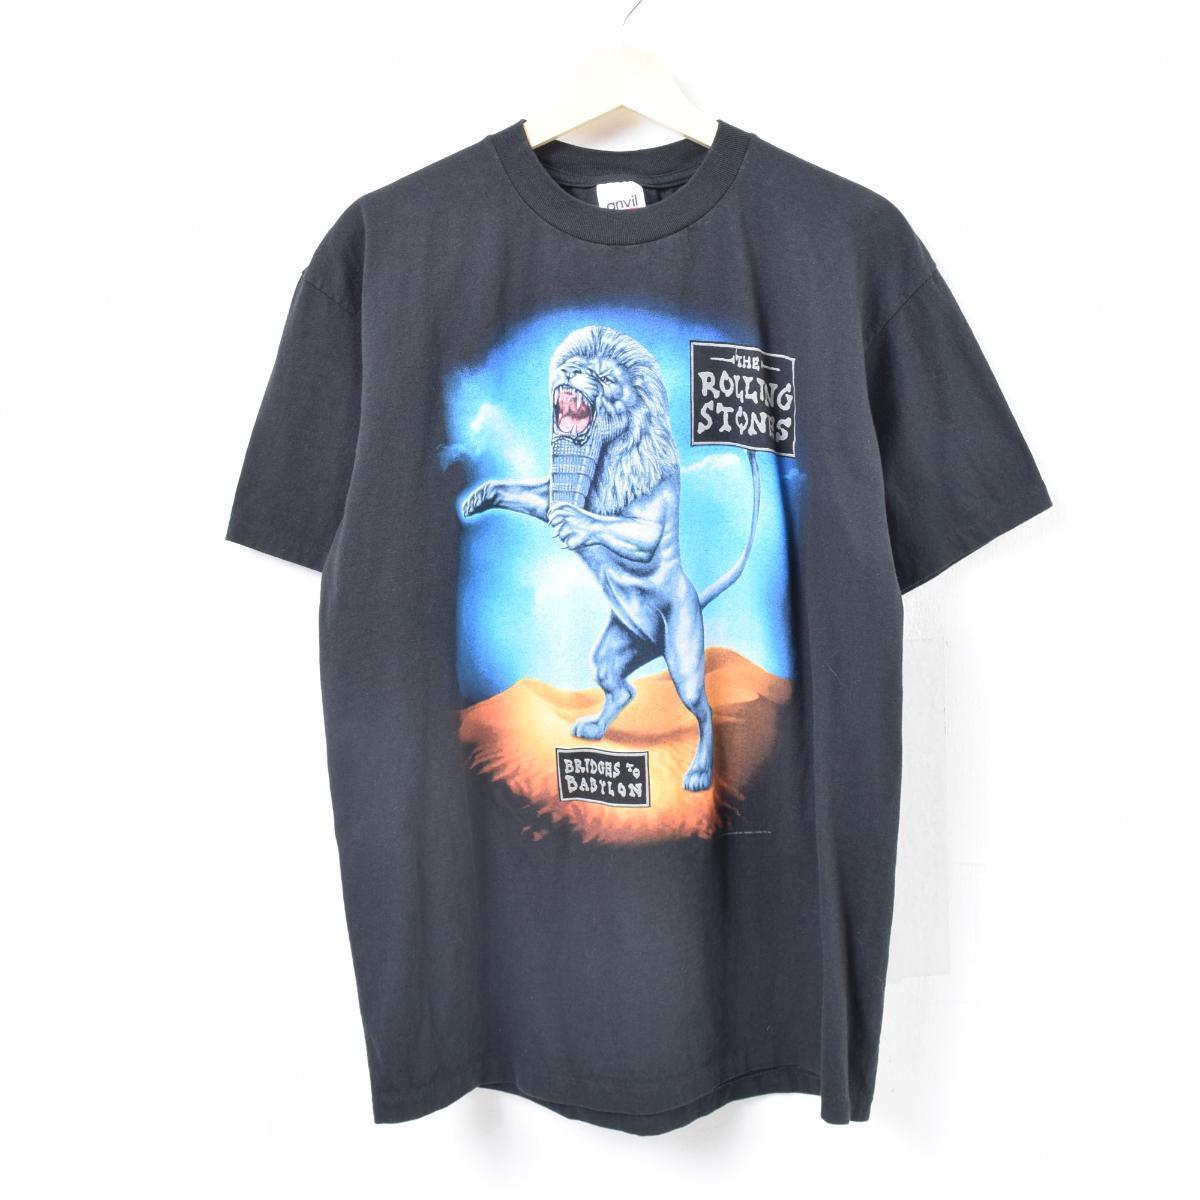 90年代 アンビル anvil THE ROLLING STONES ザローリングストーンズ BRIDGES TO BABYLON WORLD TOUR 1997/1998 バンドTシャツ USA製 メンズXL /was2939 【中古】 【180428】